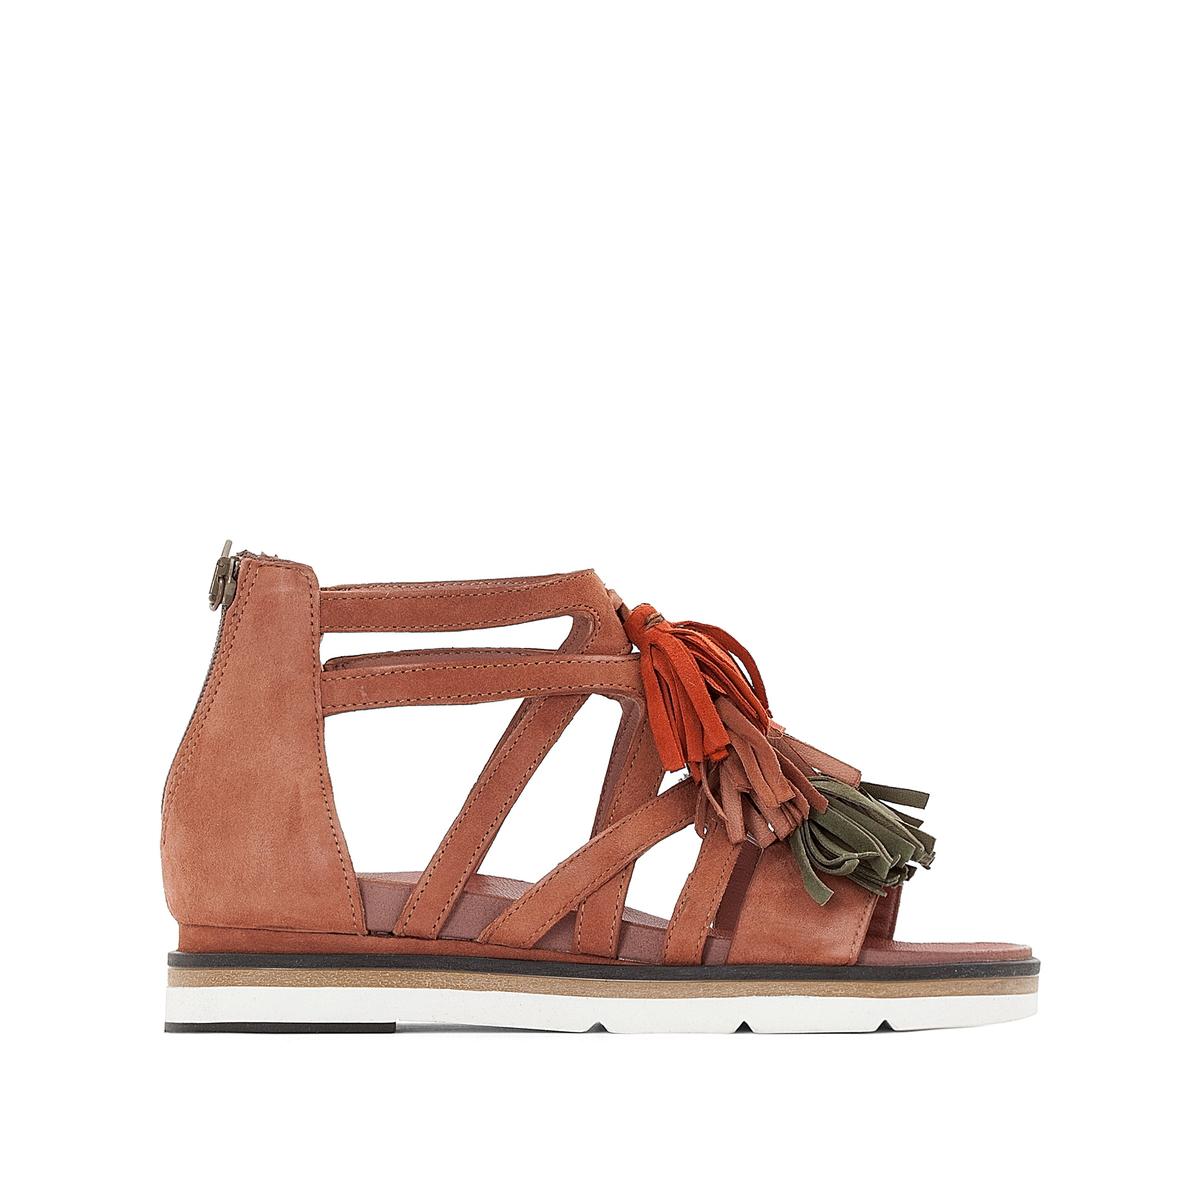 Босоножки кожаные на плоском каблуке, Ina босоножки кожаные с кисточками на плоском каблуке